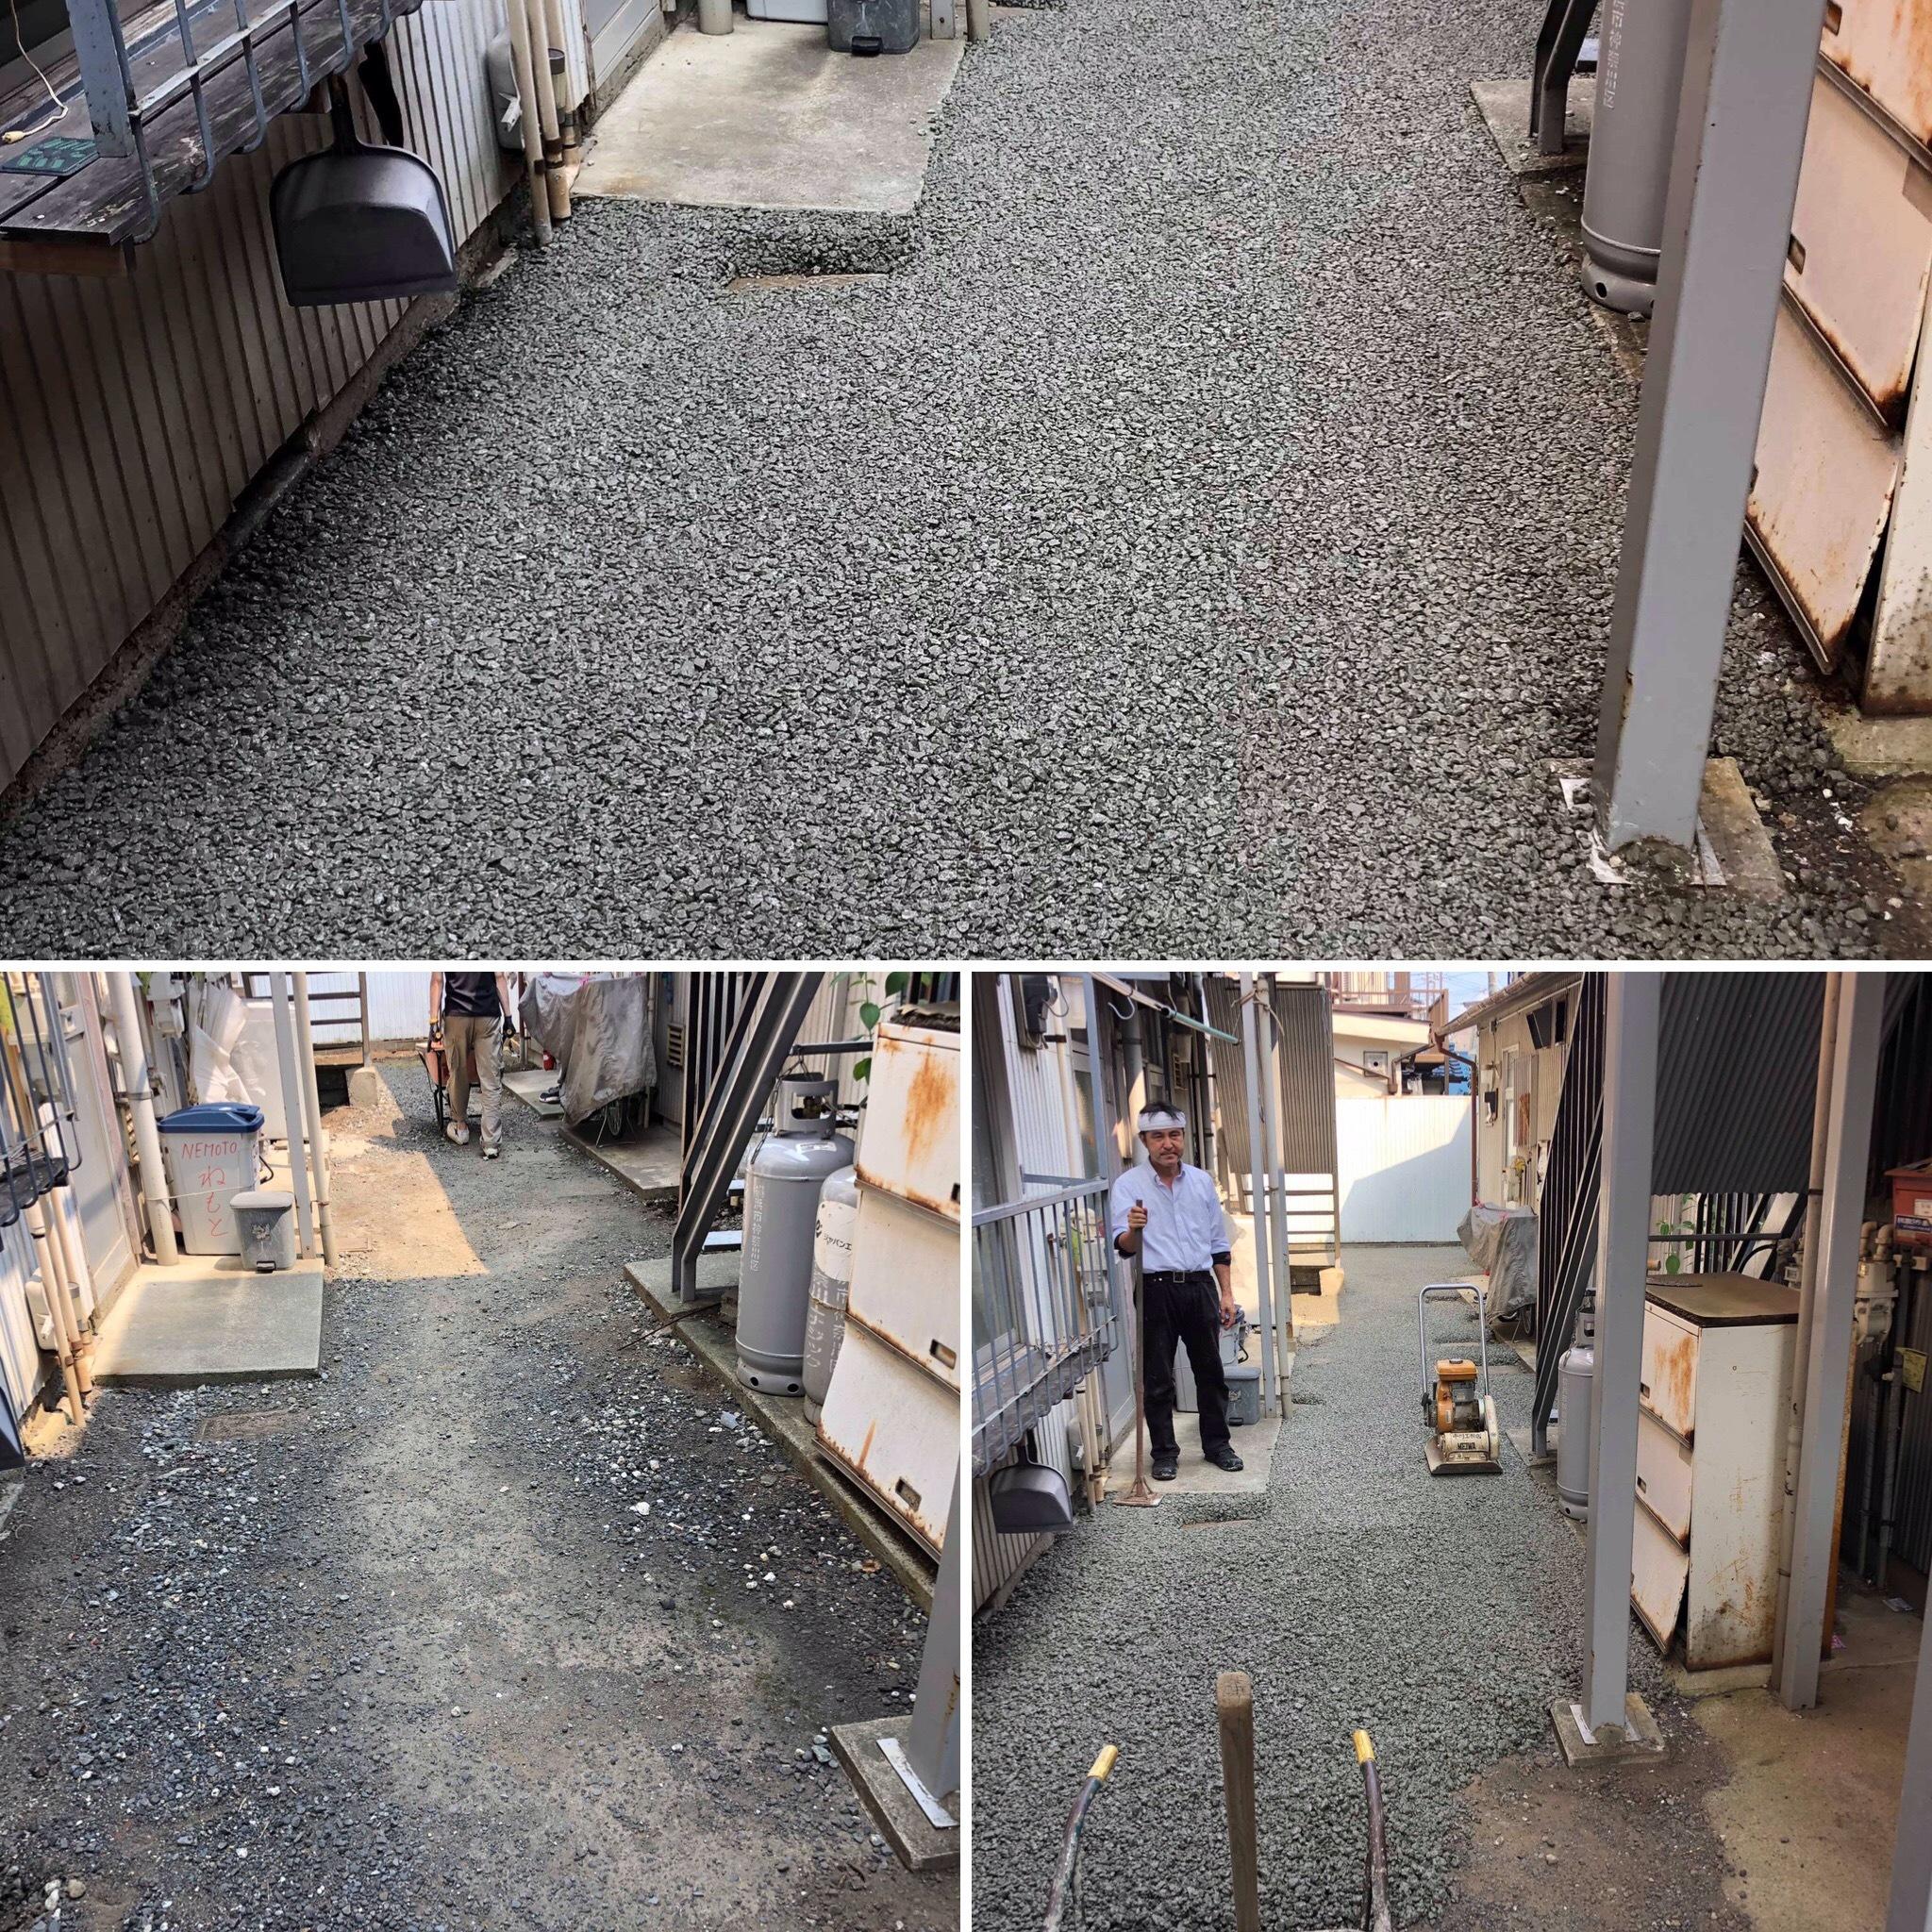 【神奈川】「アパートとアパートの間の通路が雨の日水たまりができて歩きづらい」